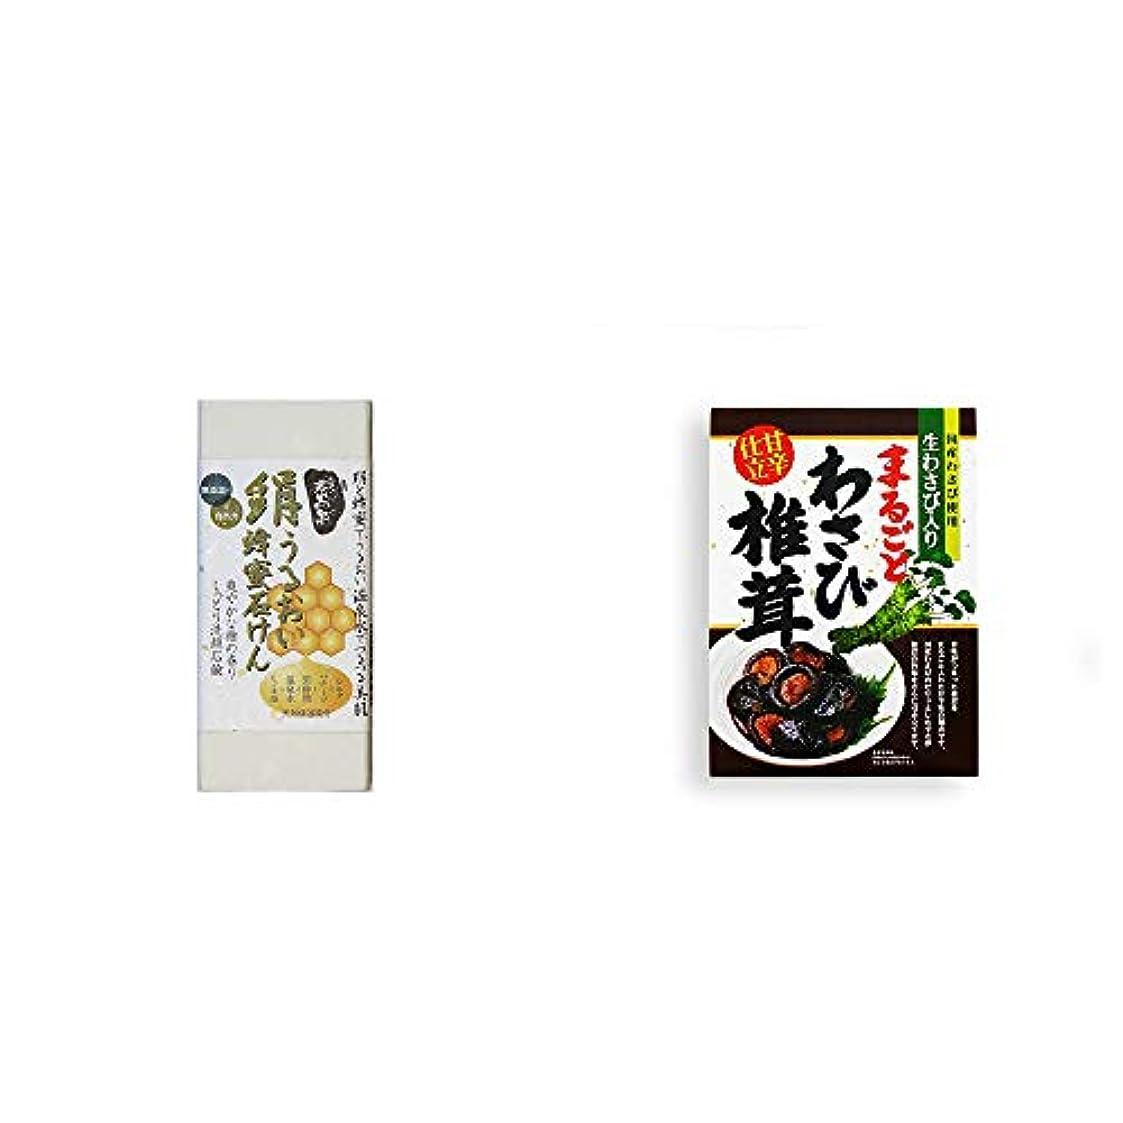 パブ腐敗寄生虫[2点セット] ひのき炭黒泉 絹うるおい蜂蜜石けん(75g×2)?まるごとわさび椎茸(200g)